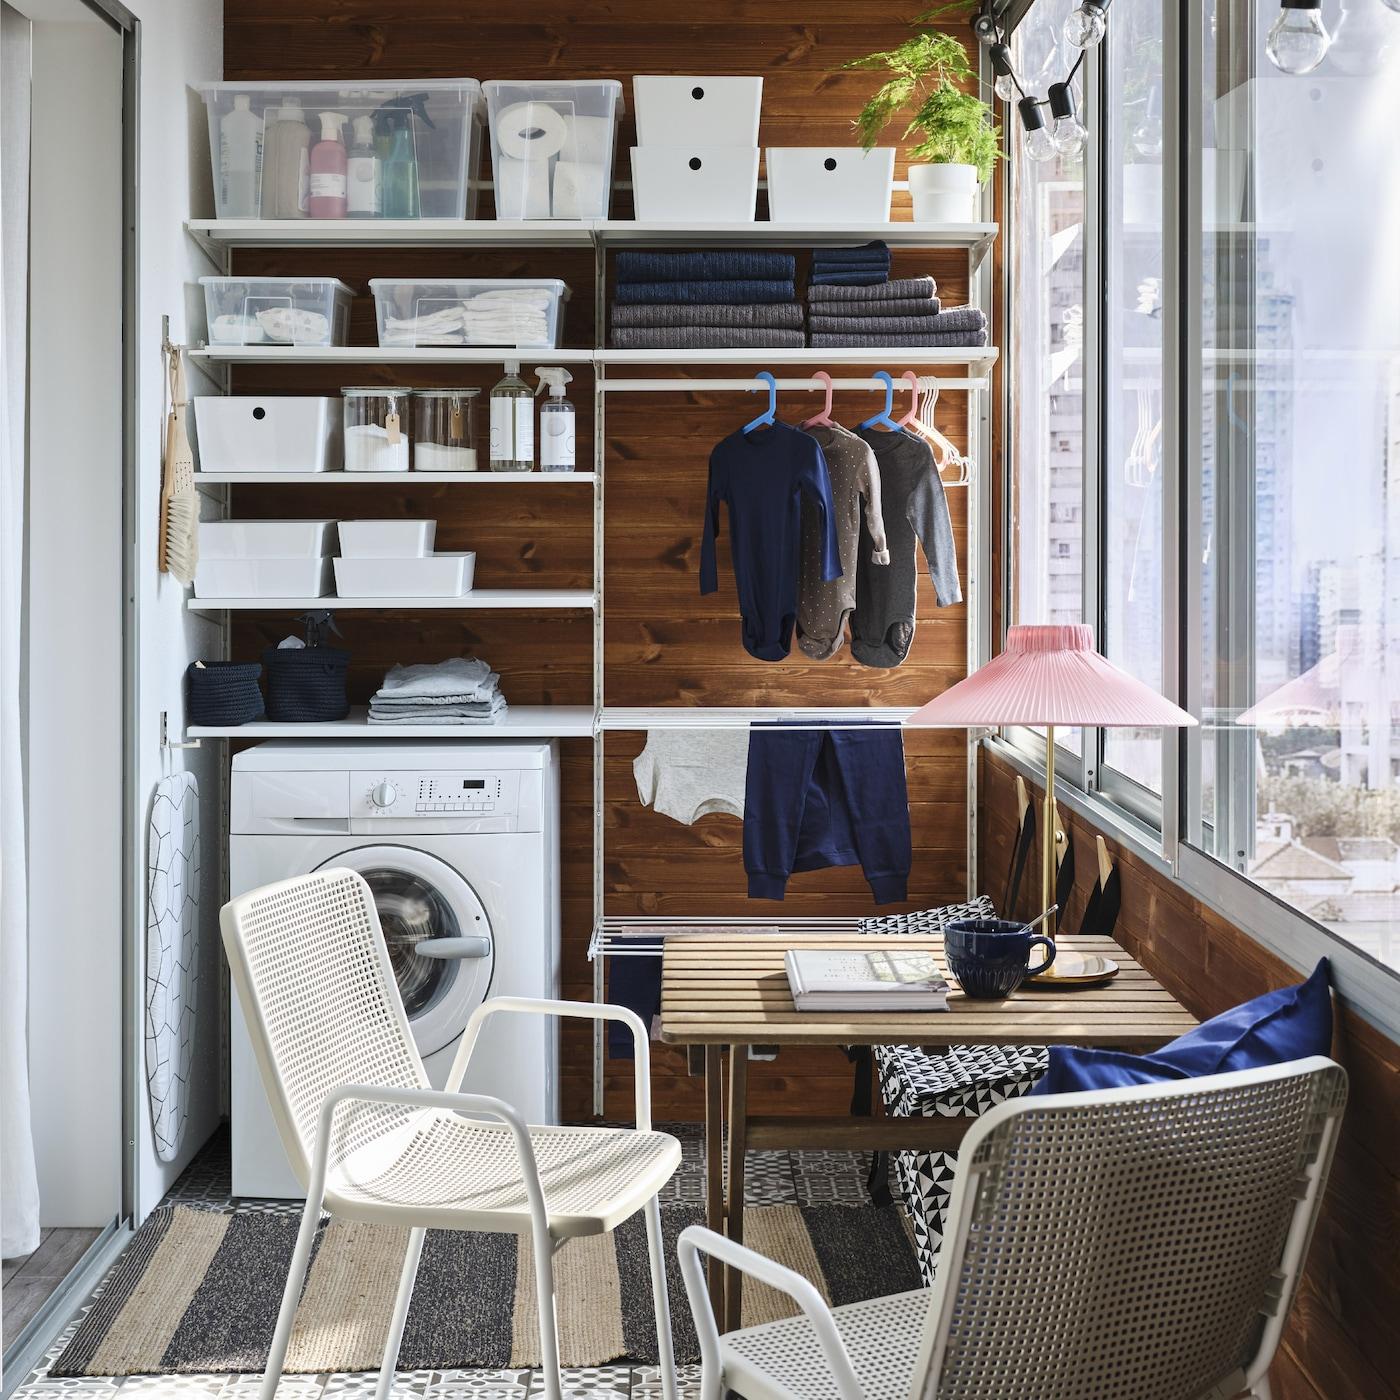 ホワイトの洗濯用収納システム、洗濯機、小さな屋外用テーブル、ホワイト/ベージュのチェア2脚を備えた小さなバルコニー。